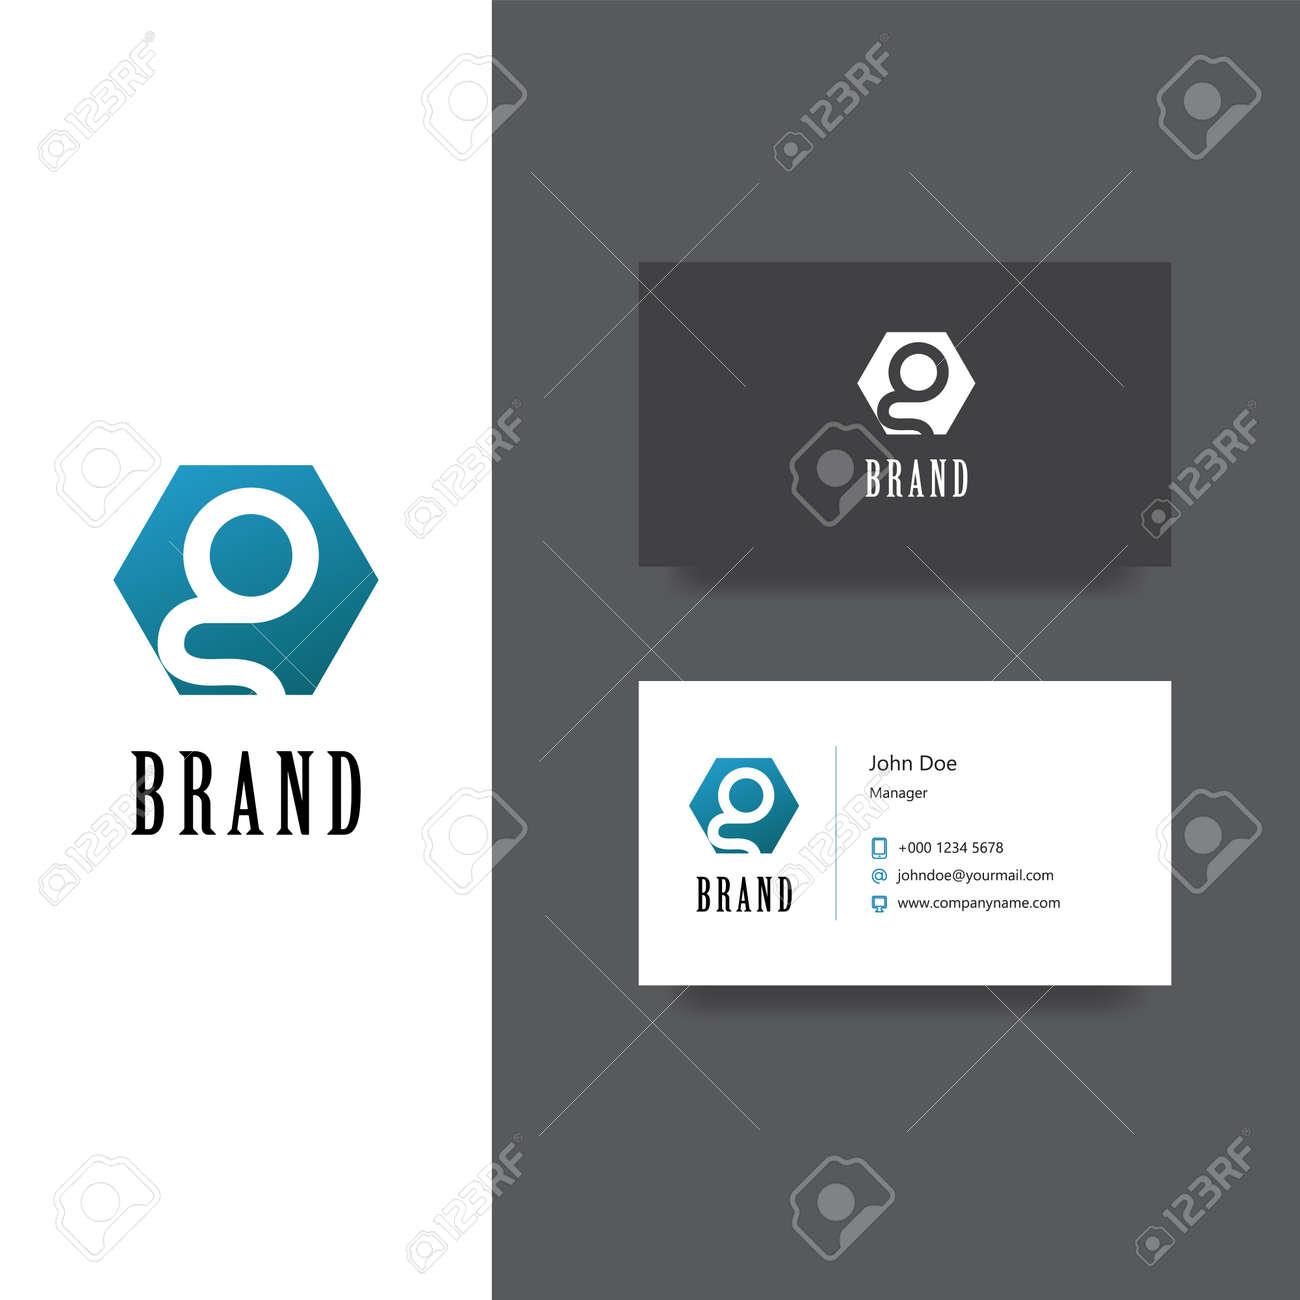 Logo Vectoriel Eps Avec La Societe De Lettre G Modele Carte